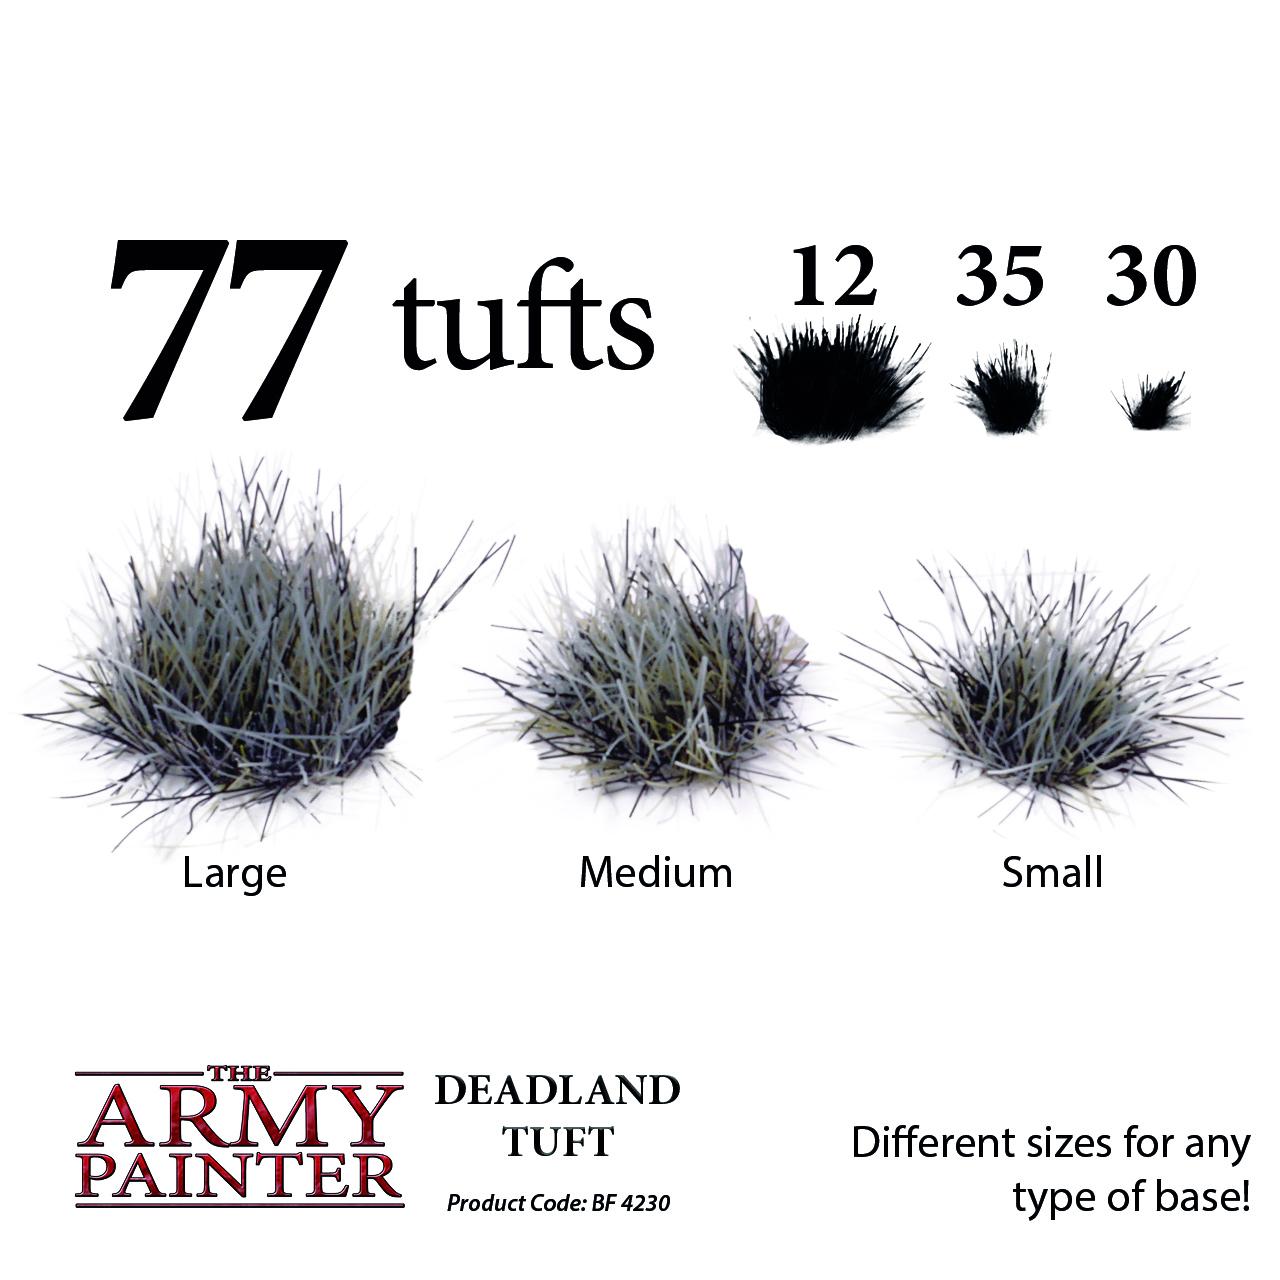 Battlefields: Deadland Tuft